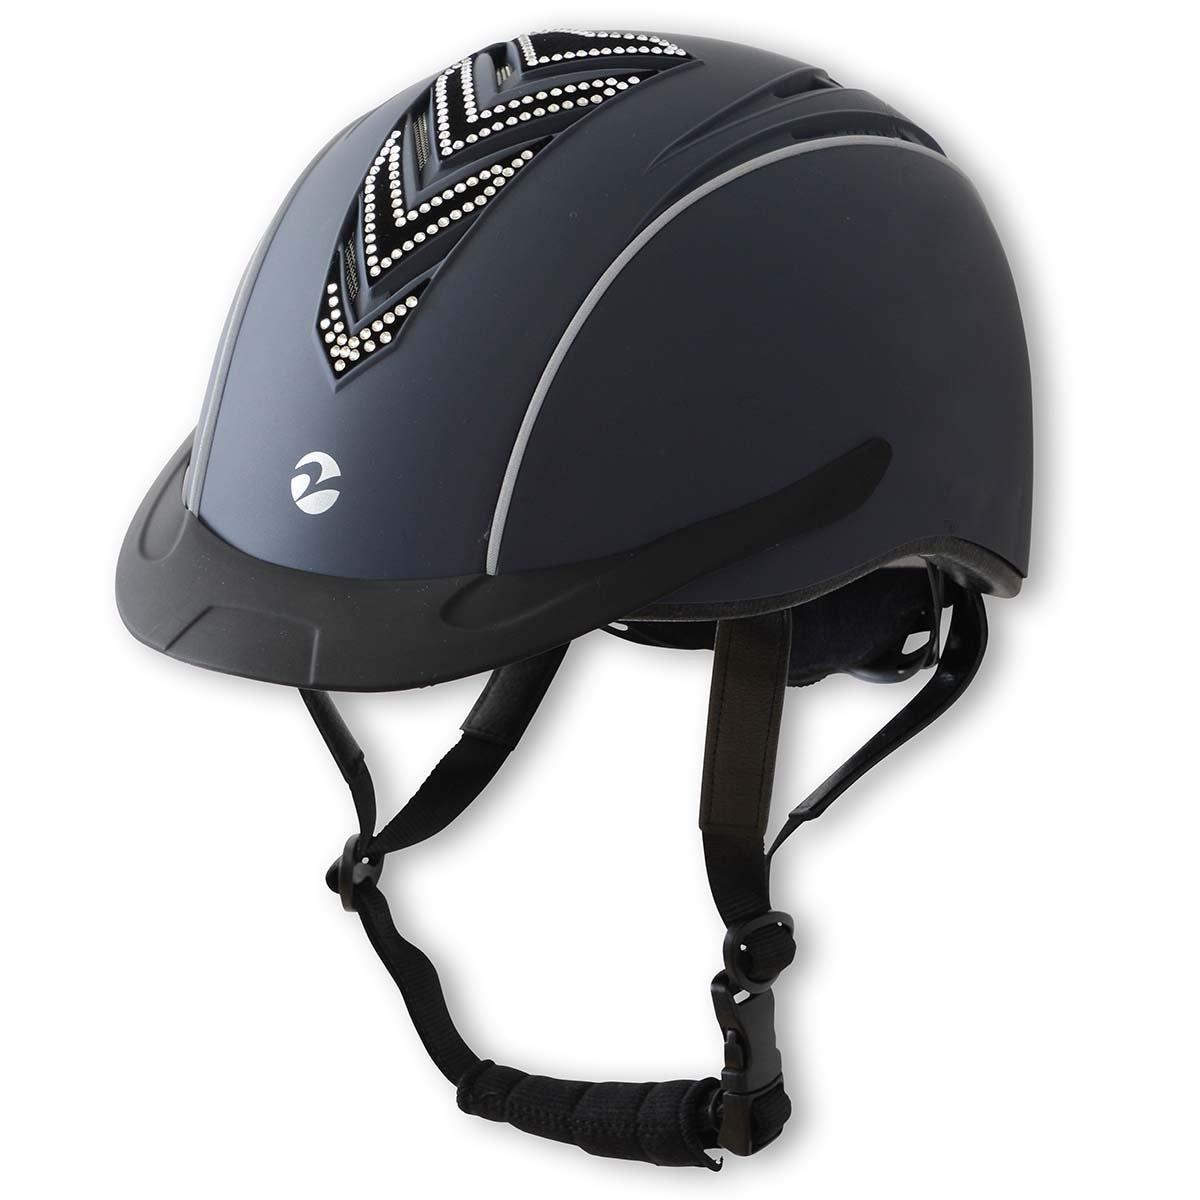 値引 乗馬 Large ヘルメット プロテクター 乗馬帽 帽子 BUSSE 馬具 クライス ダイヤル調整 ダイヤル調整 ヘルメット 乗馬用品 馬具 B077HWBXCB ネイビー Large, オンラインショップフェイス:7a0b4150 --- svecha37.ru